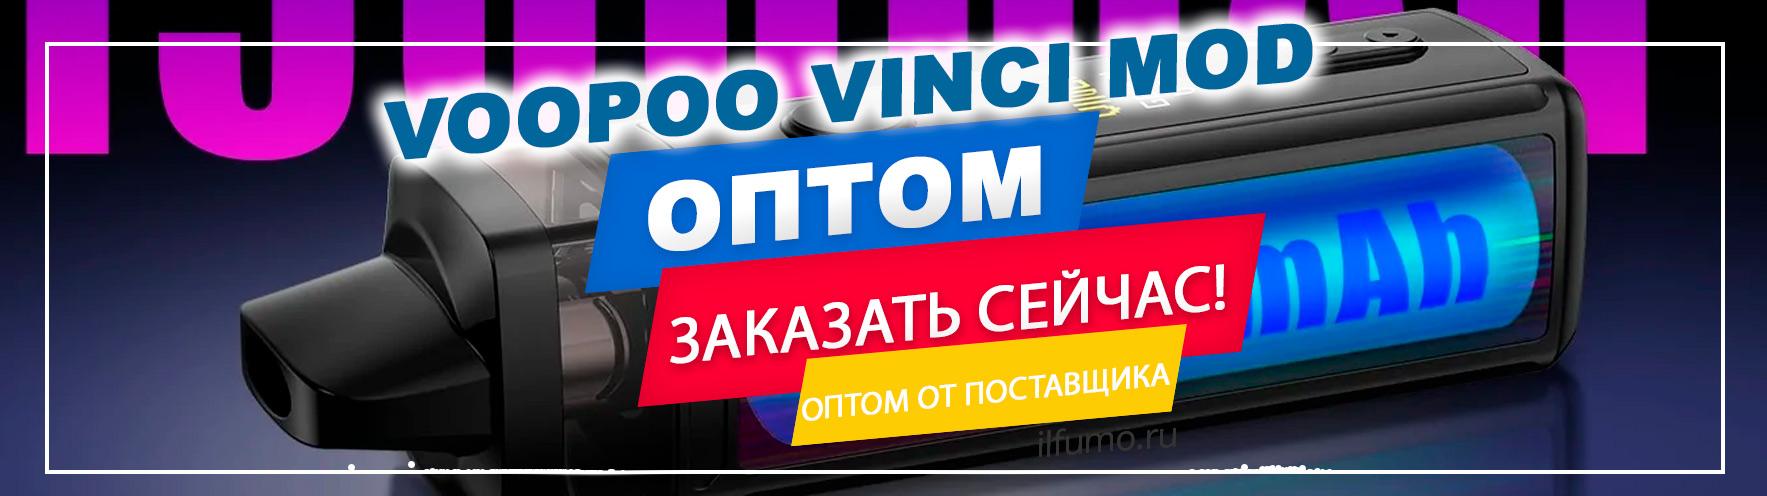 kupit voopoo vinci mod pod kit 40w - Voopoo VINCI Mod Pod Kit 40W